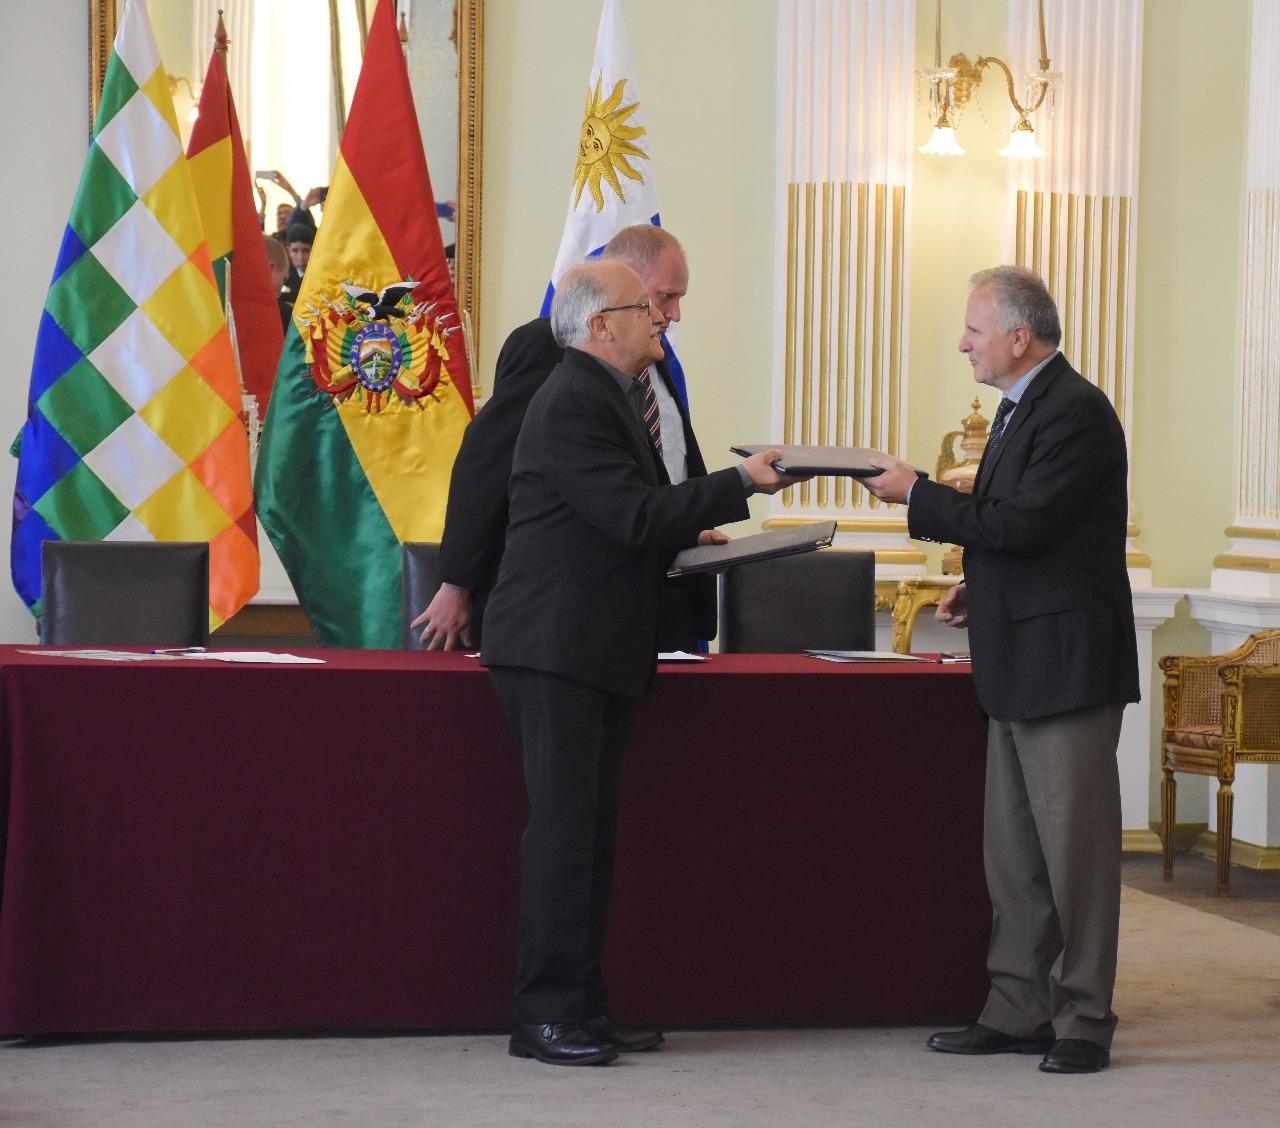 Firma de acuerdo operativo es un hito histórico para movilización de carga boliviana por puertos uruguayos